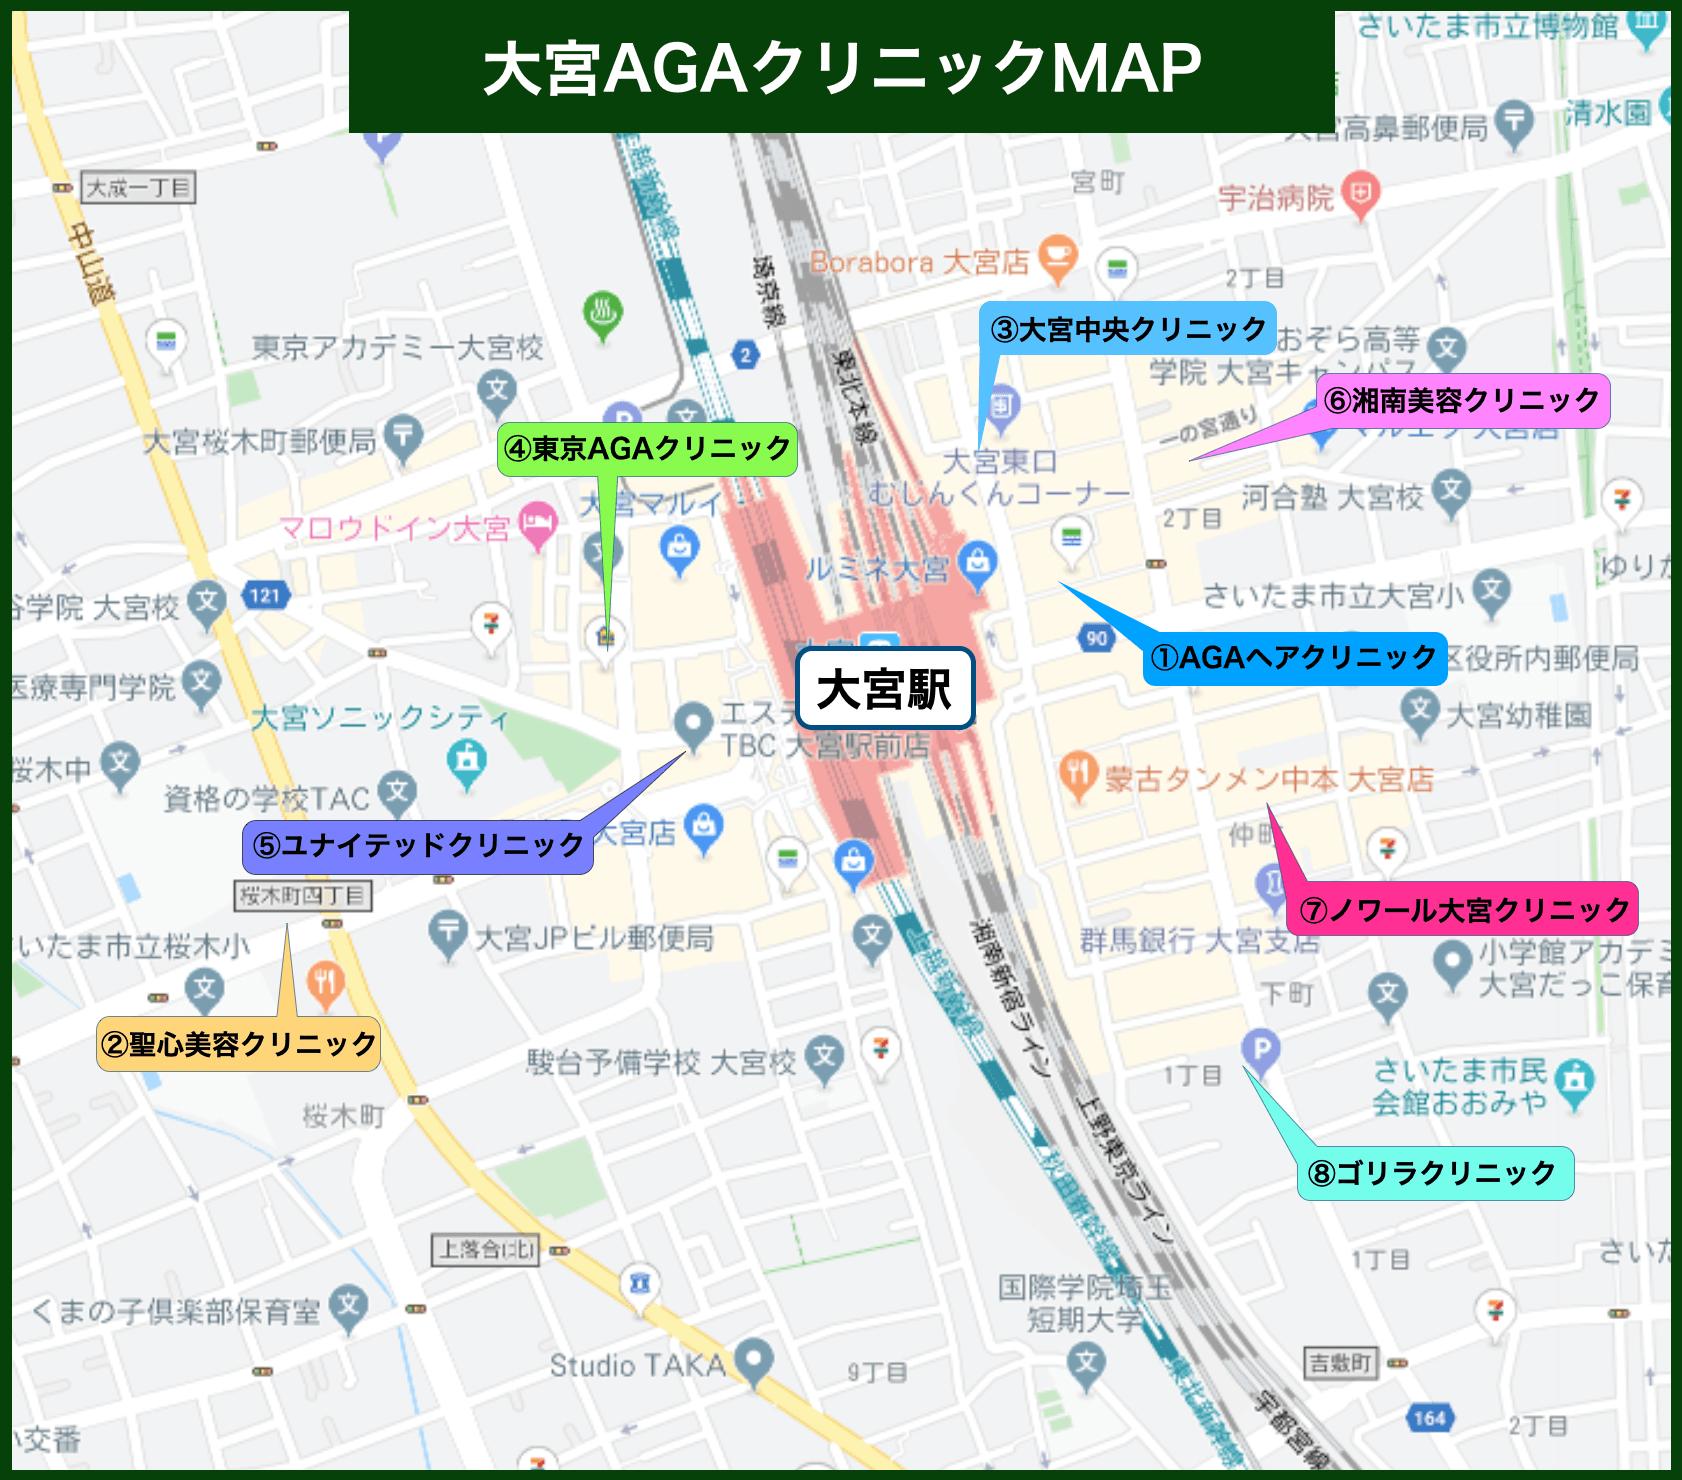 大宮 AGAクリニックMAP